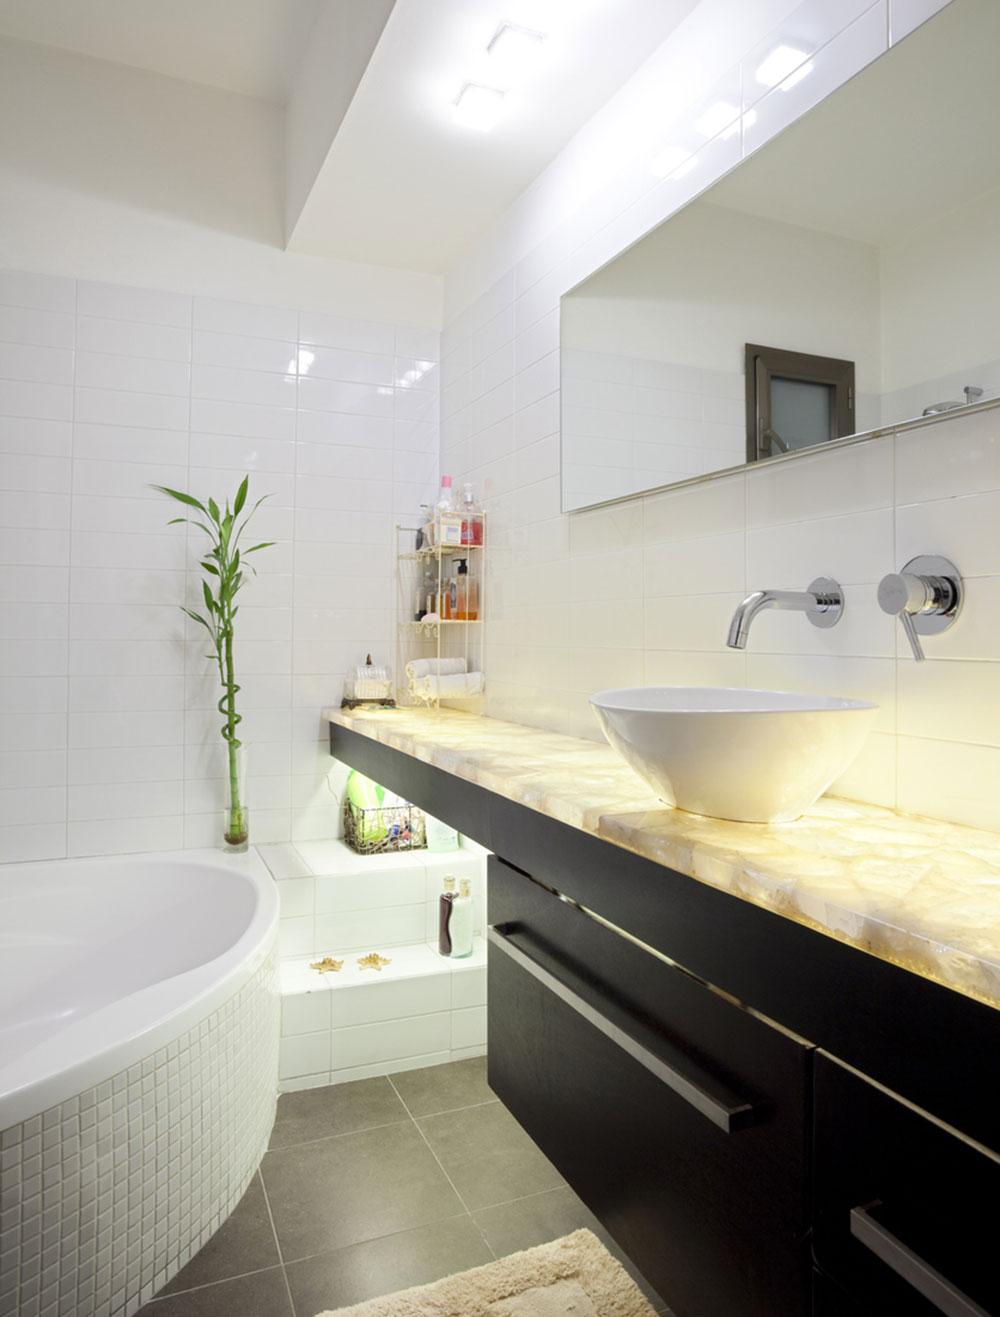 kúpeľňa s čiernym nábytkom a vaňou